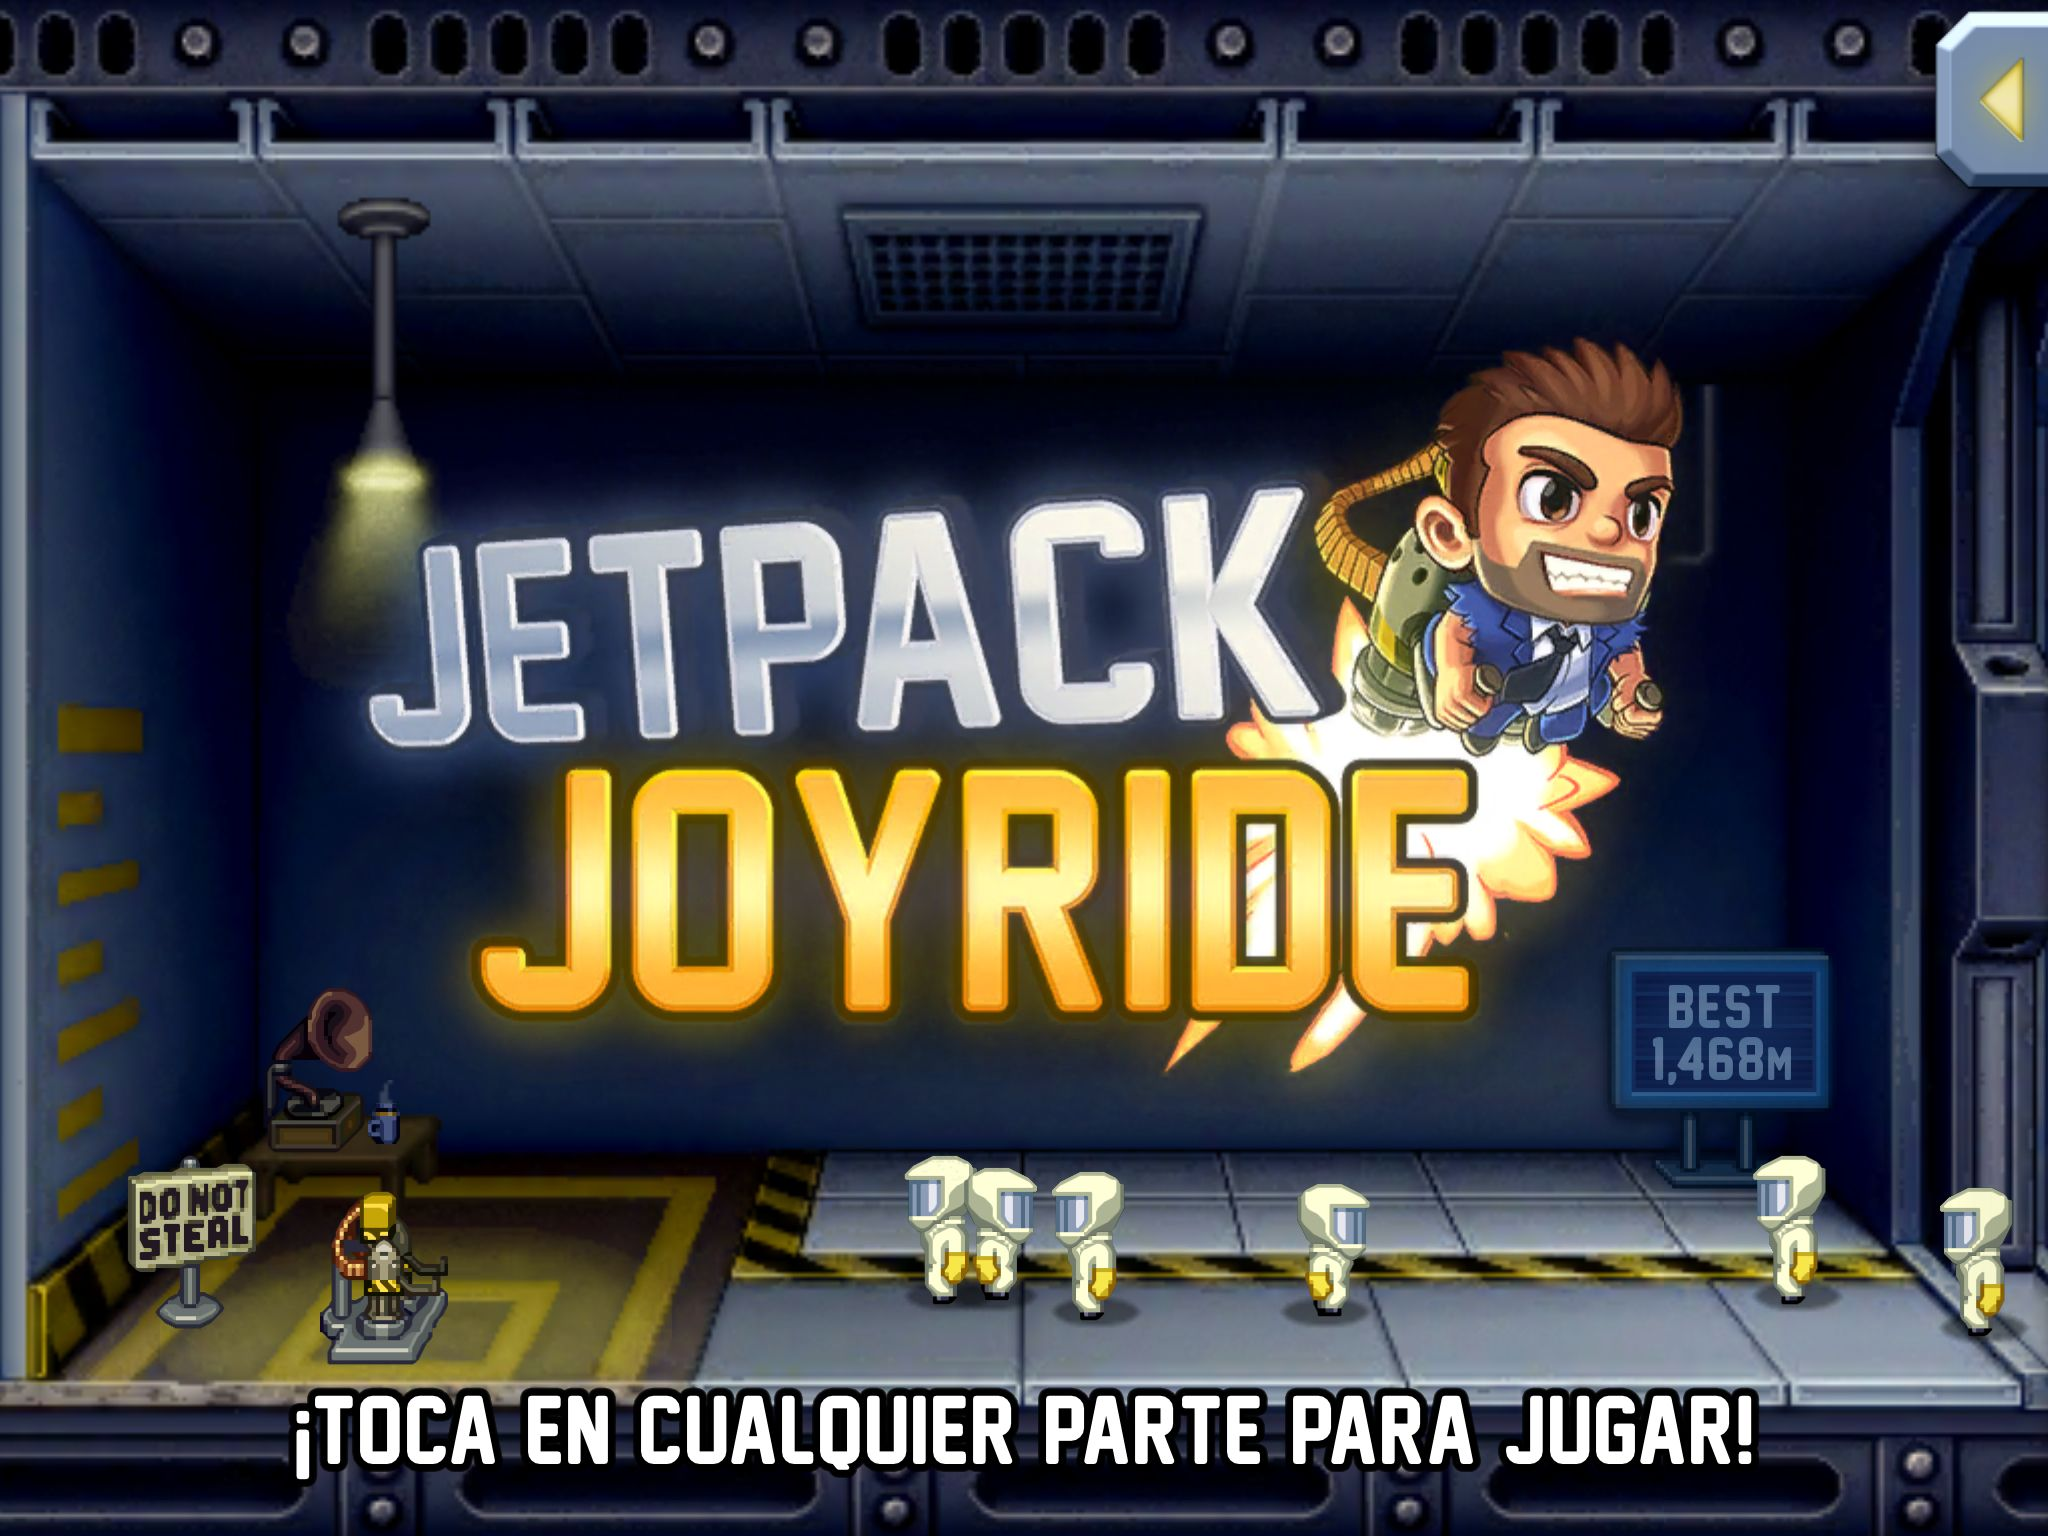 Jetpack Joyride Juegos Para Moviles Mochilas De Cohete Emulador